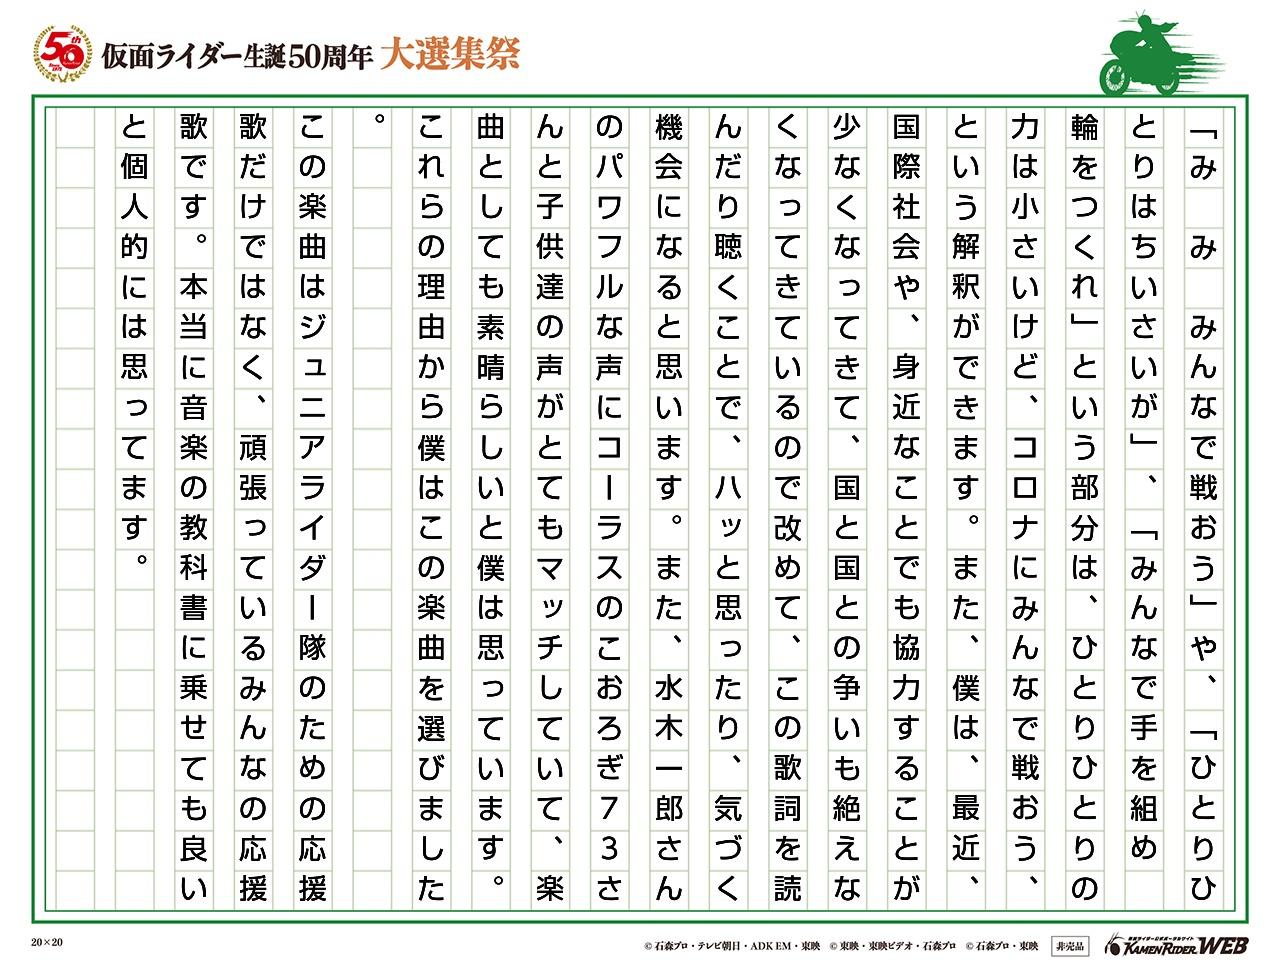 仮面ライダーの MY BEST SONG